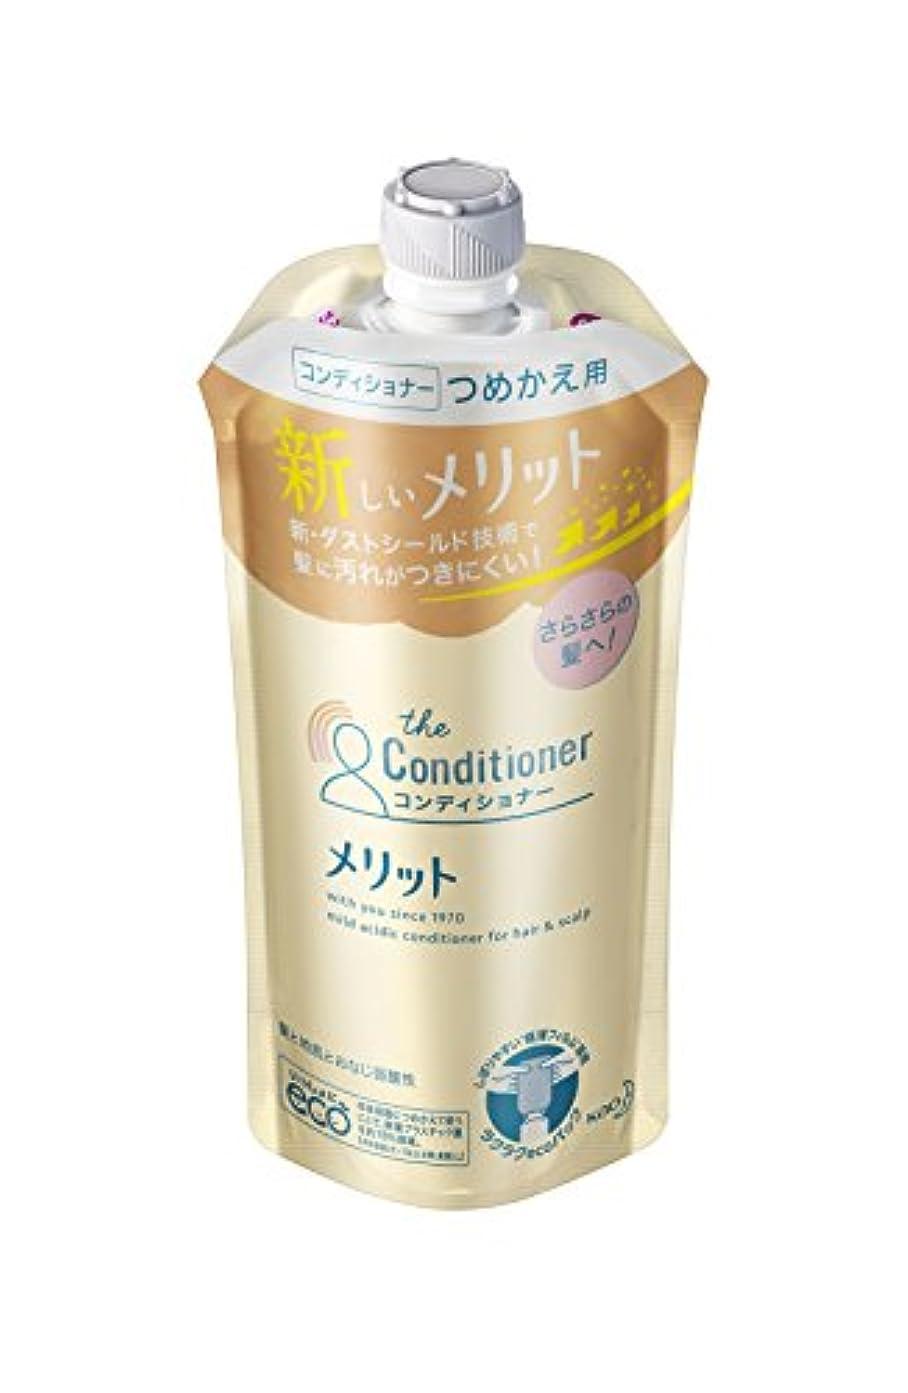 高める祭りキャンディーメリット コンディショナー つめかえ用 340ml